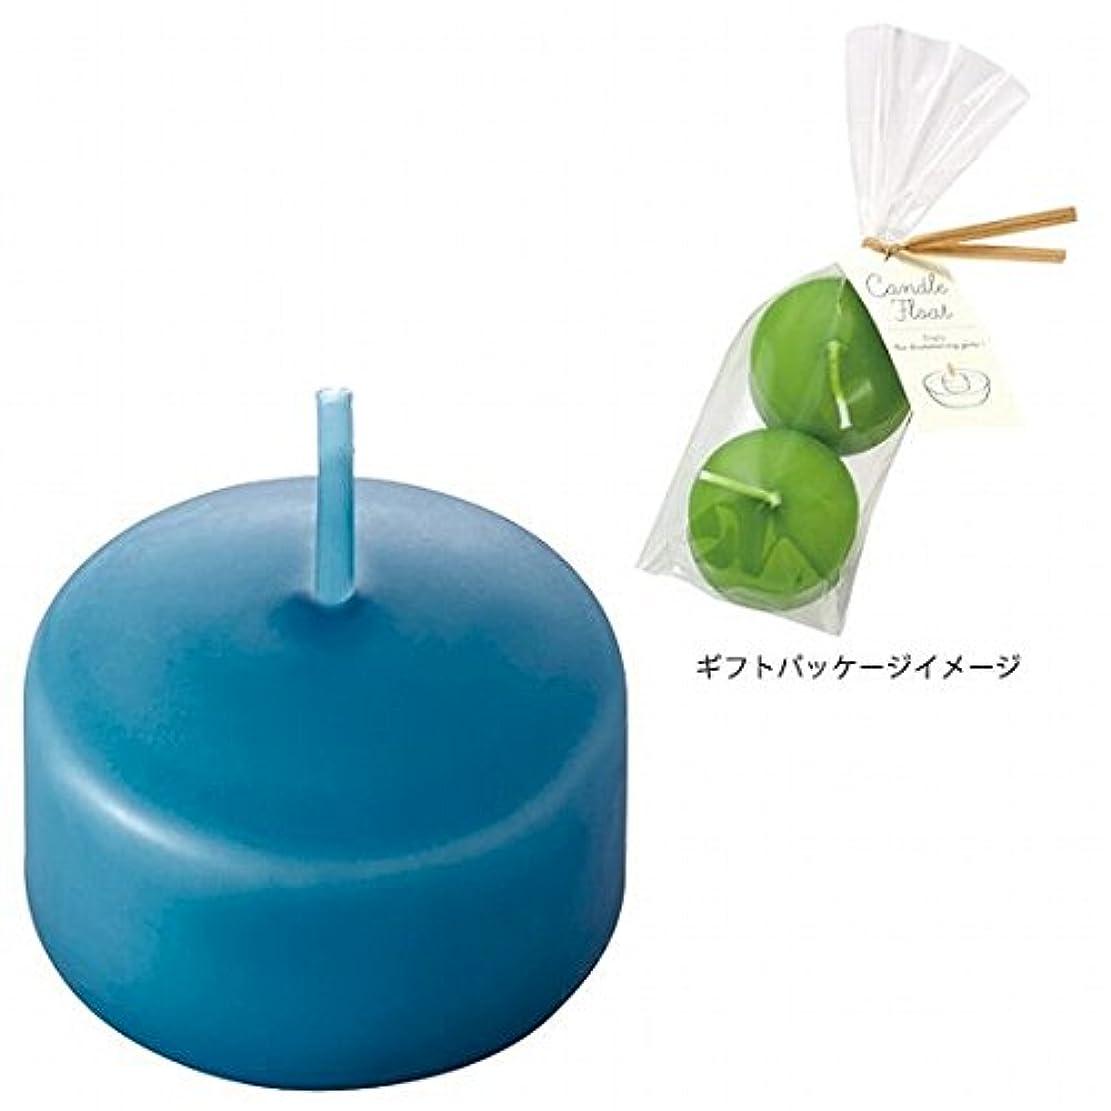 賢明な勤勉一般的にカメヤマキャンドル(kameyama candle) ハッピープール(2個入り) キャンドル 「コバルトブルー」